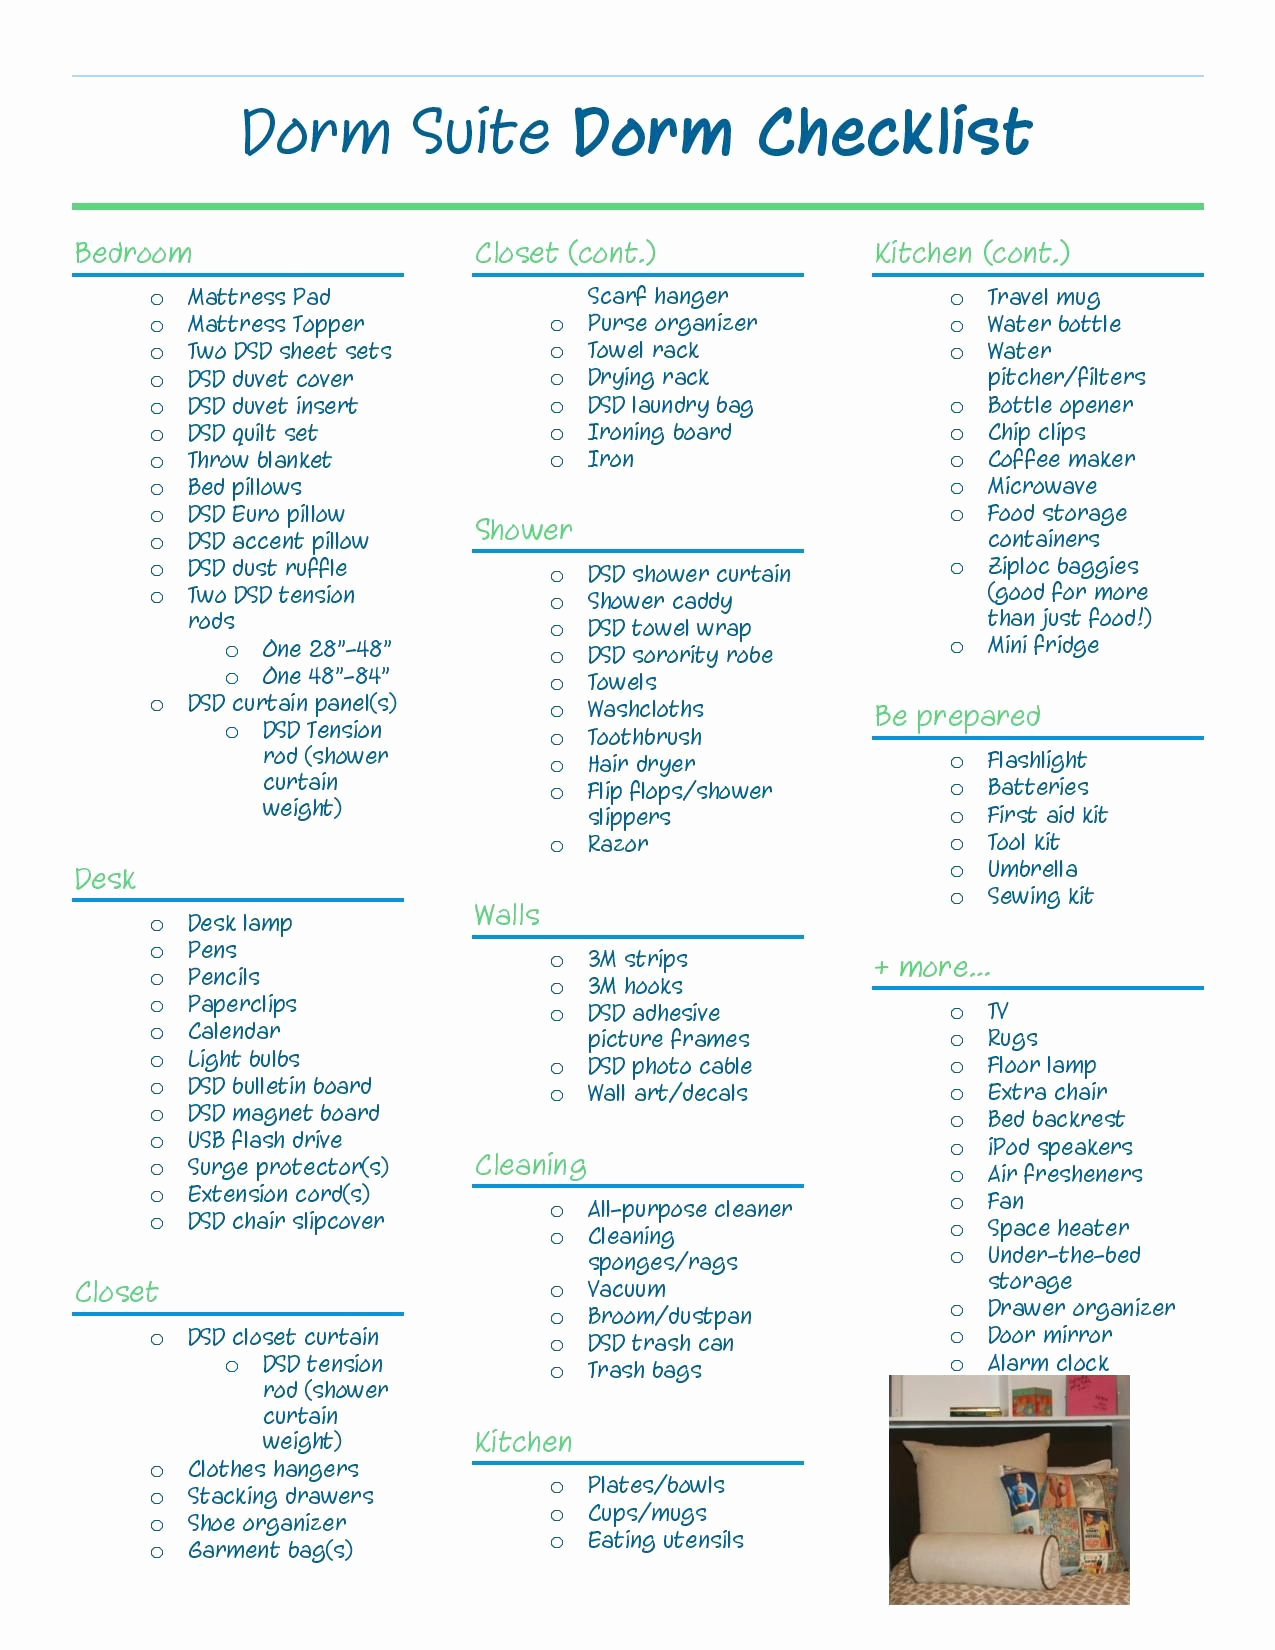 College Packing List Pdf Luxury Dorm Suite Dorm Apartment Checklist